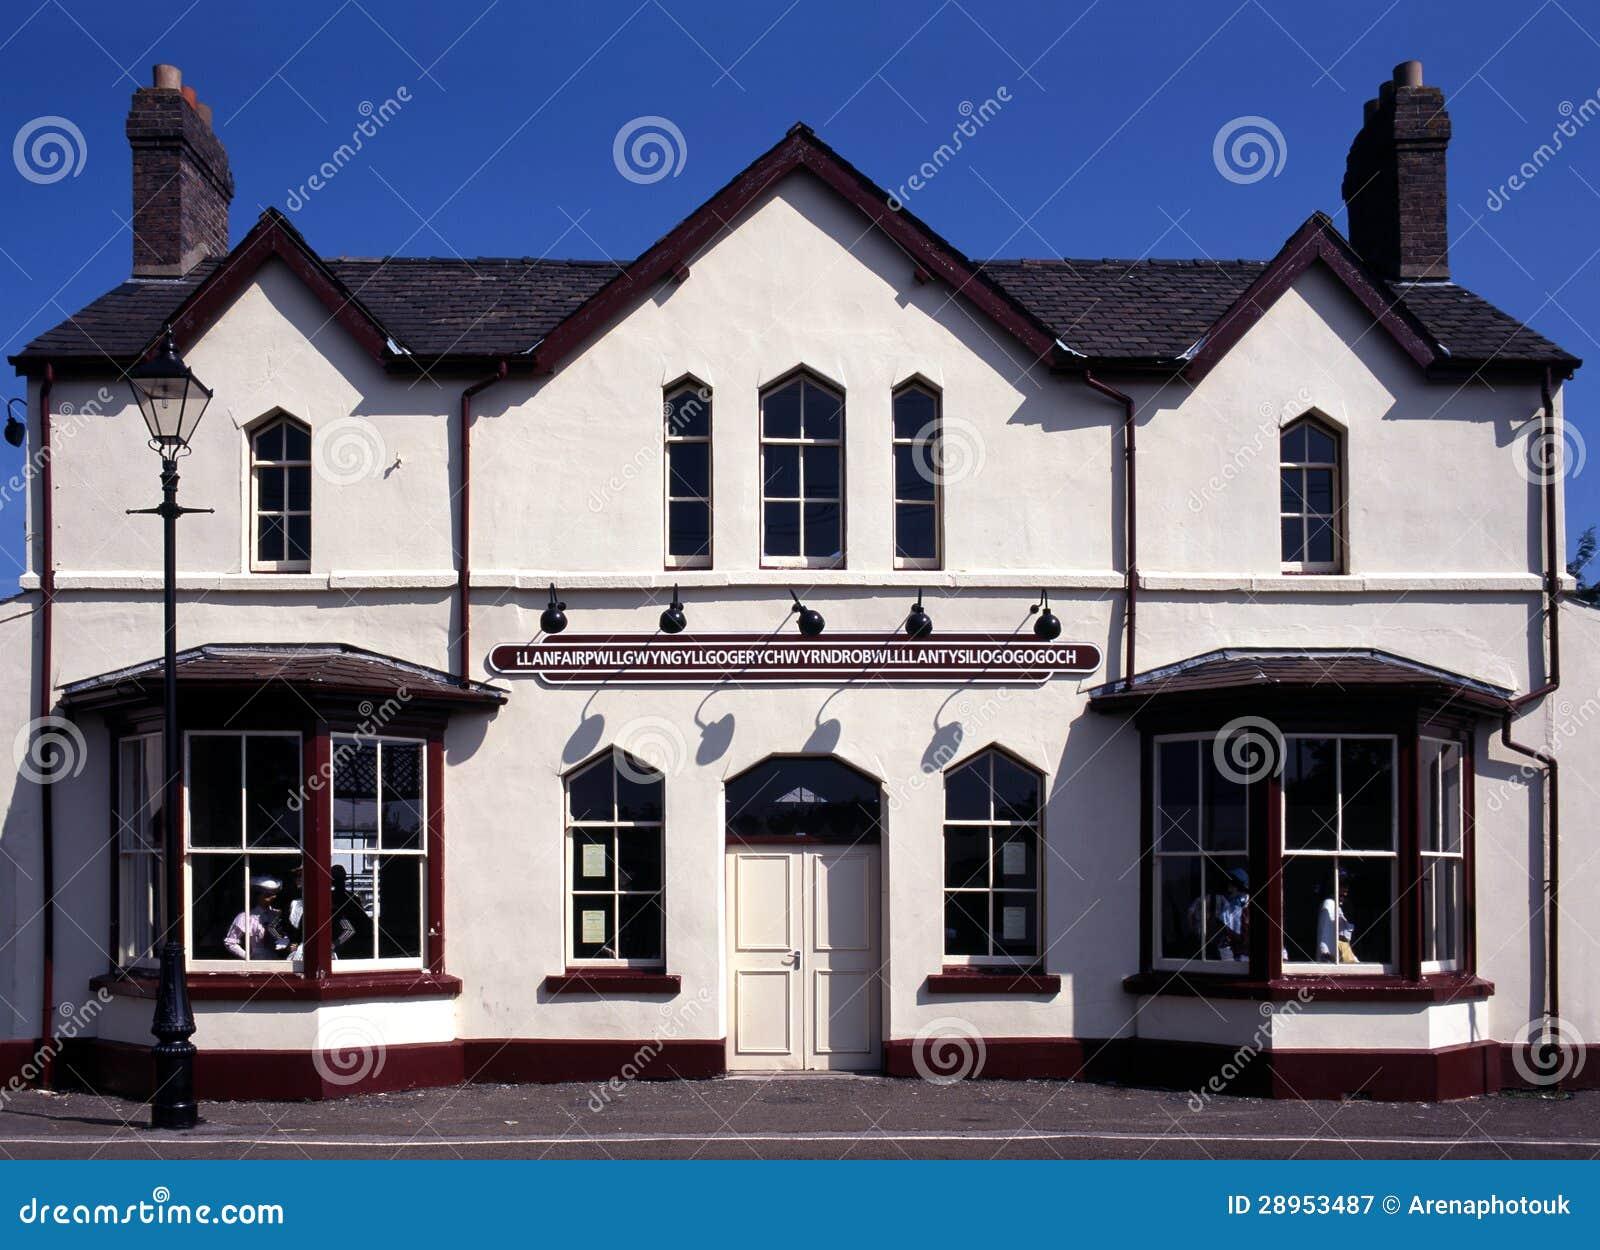 Stacja kolejowa, Llanfair, Anglesey, Walia.